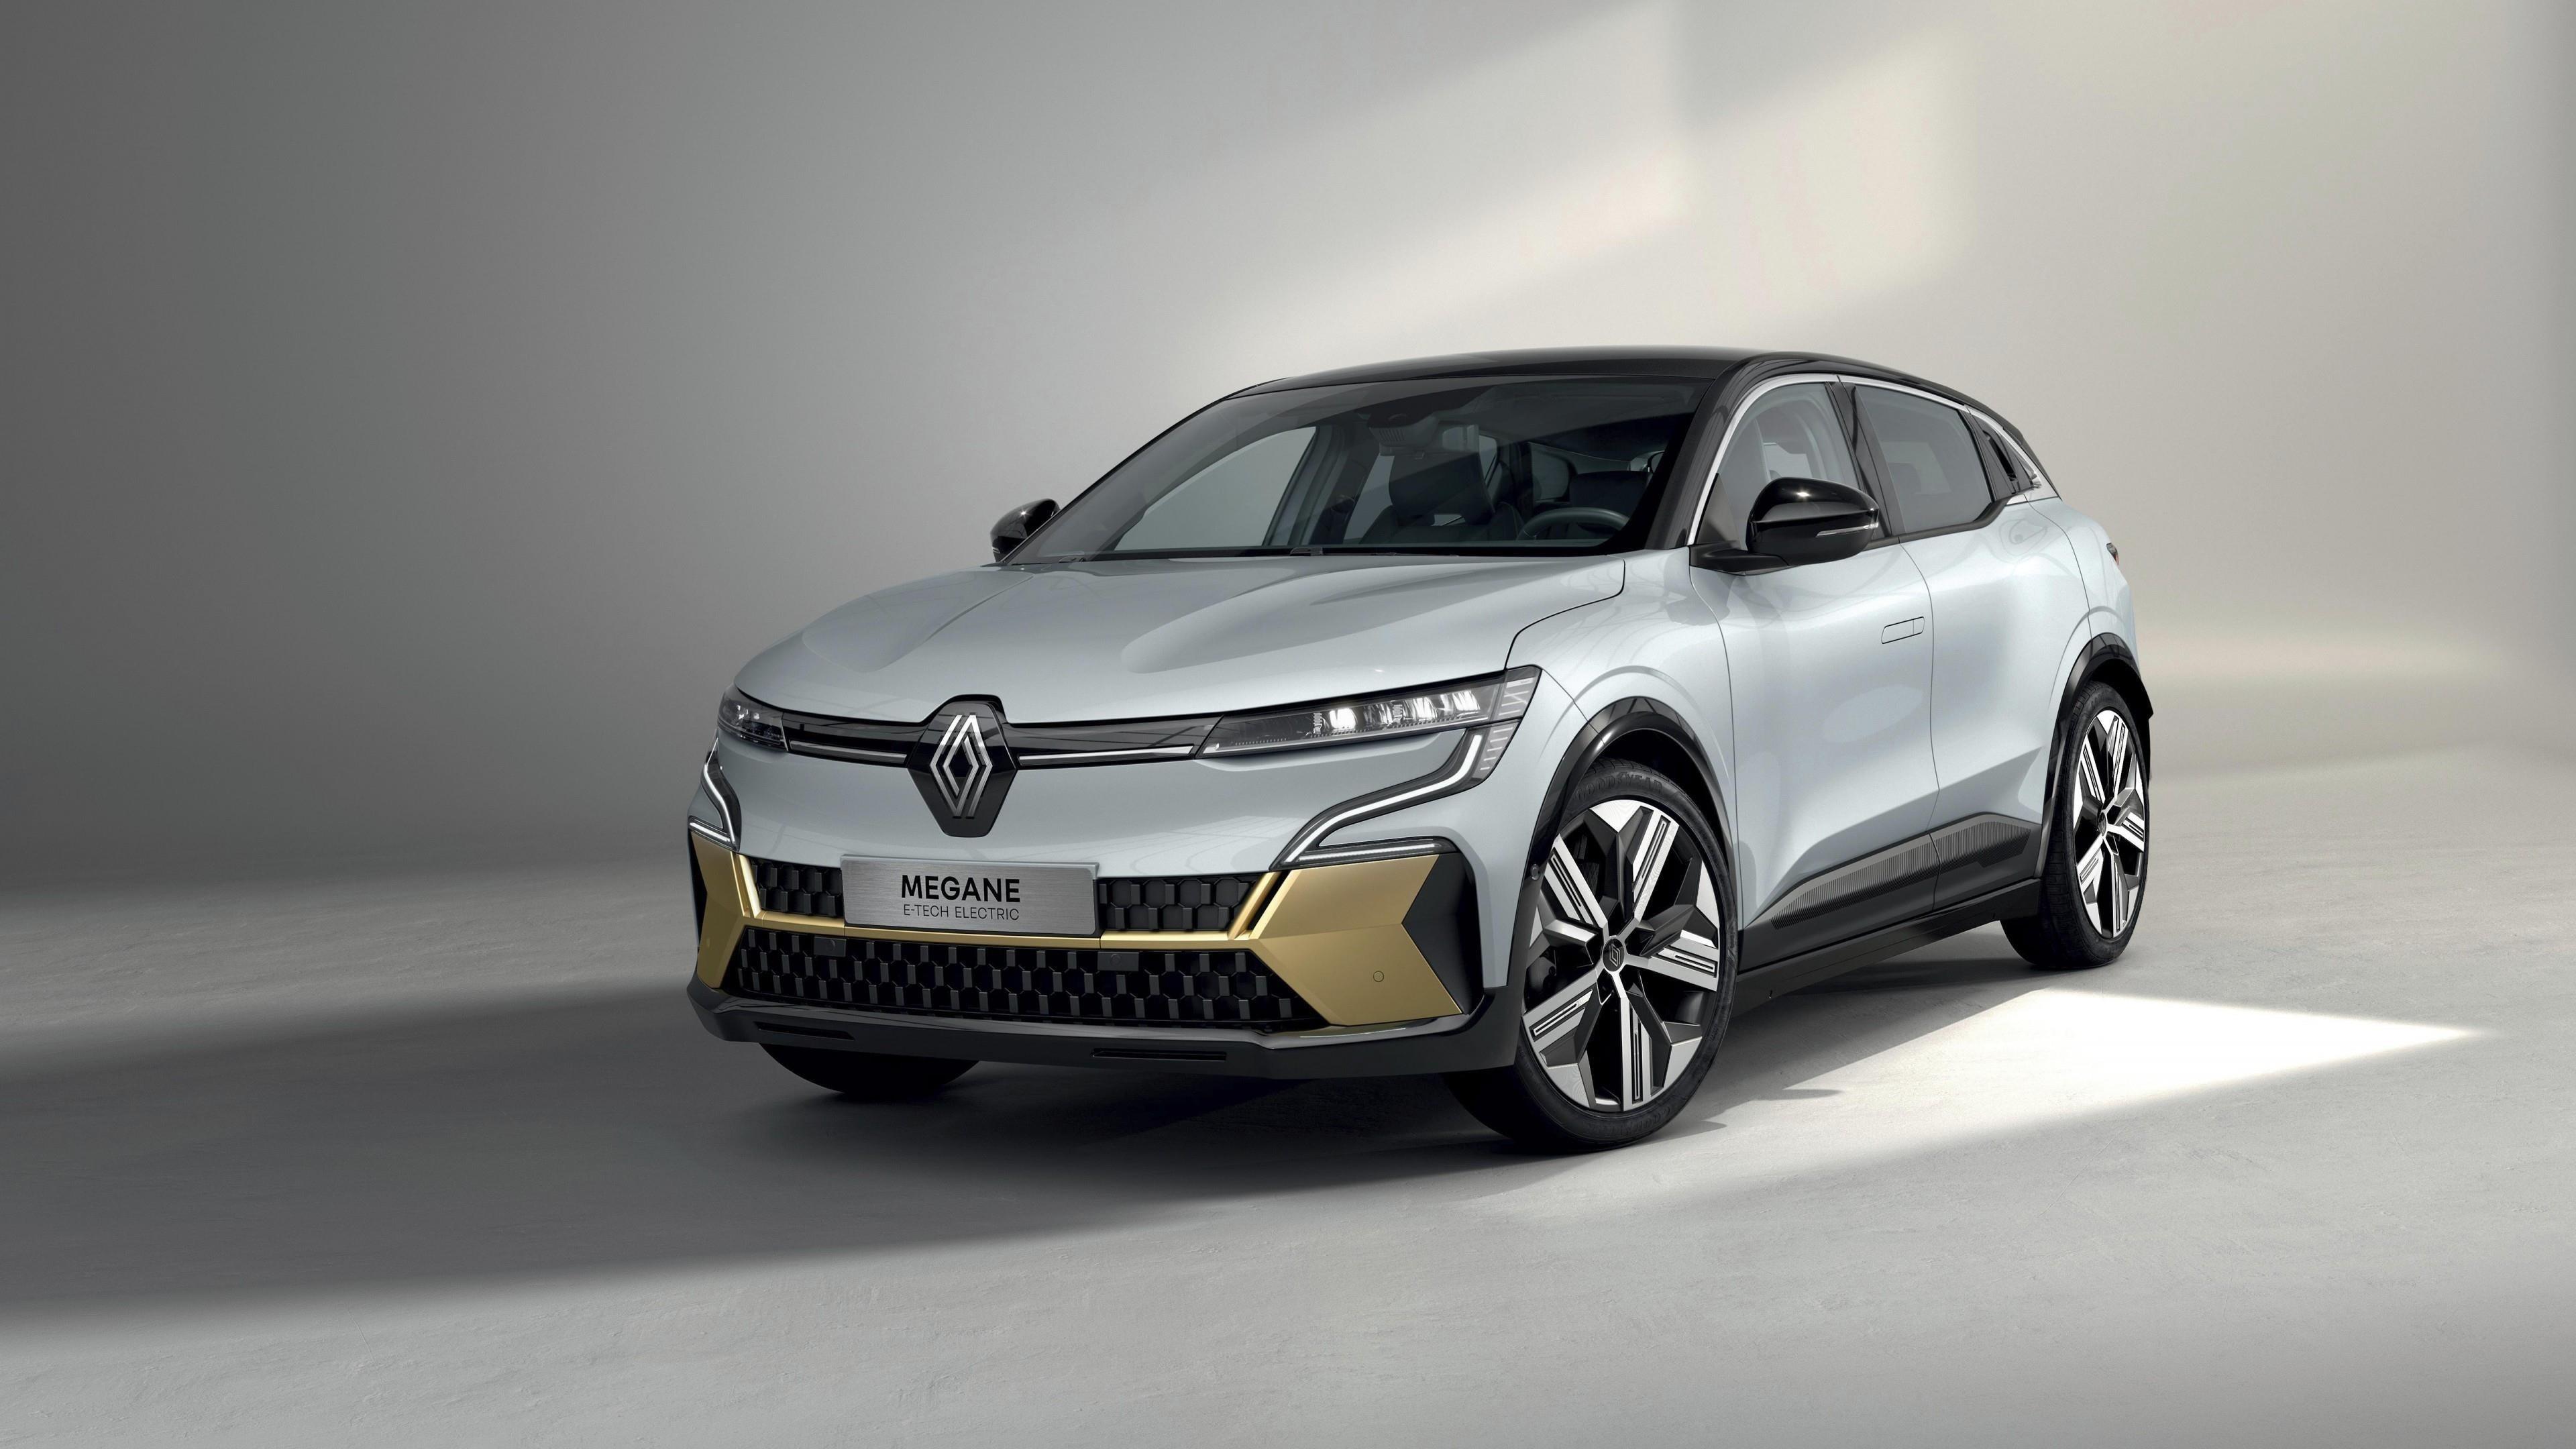 Автомобили renault megane e tech electric 2021 года выпуска обои скачать